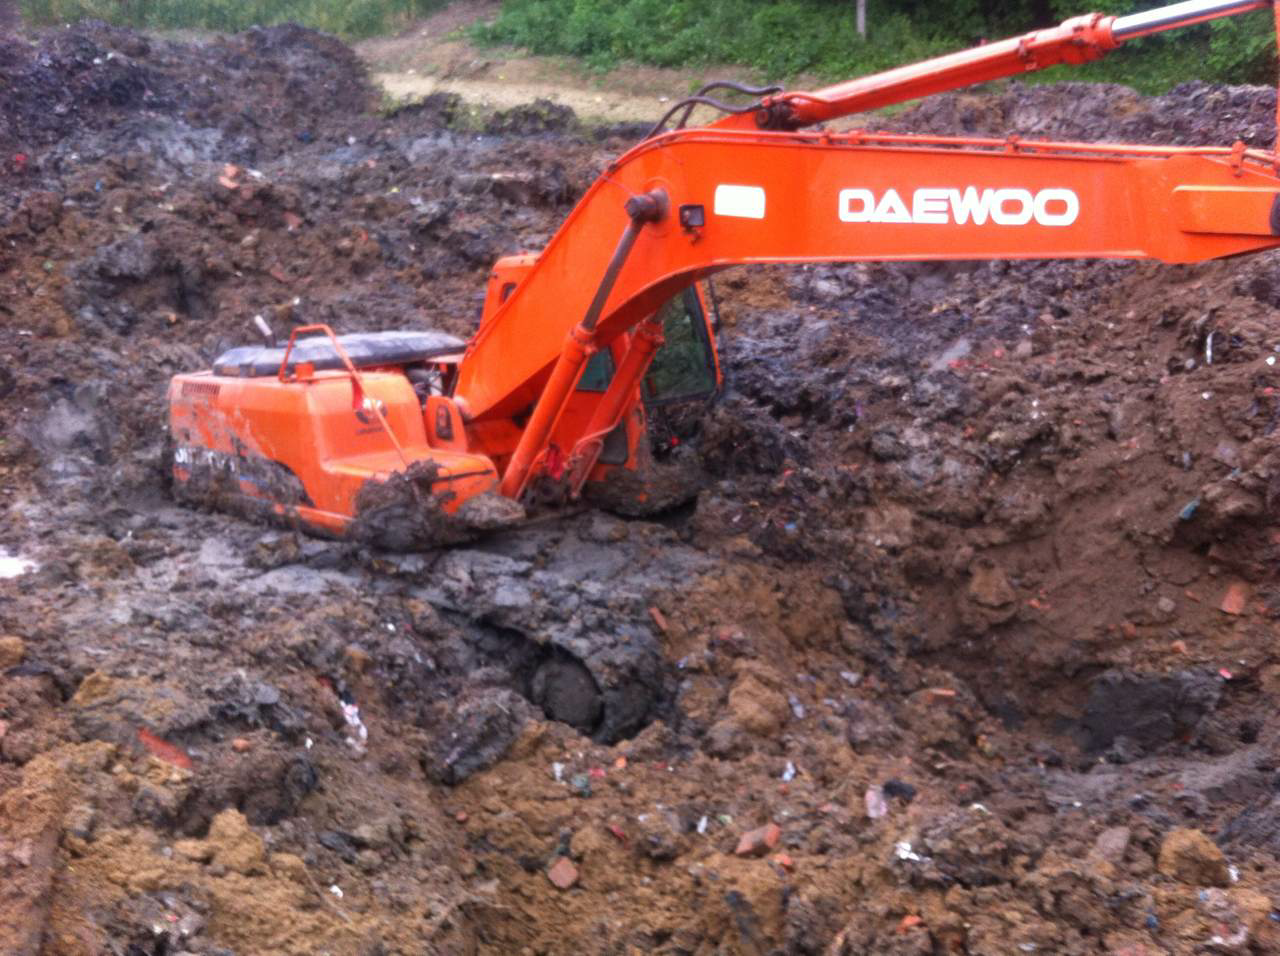 【我与挖机的不解之缘2】干了7年挖机售后,买了斗山220